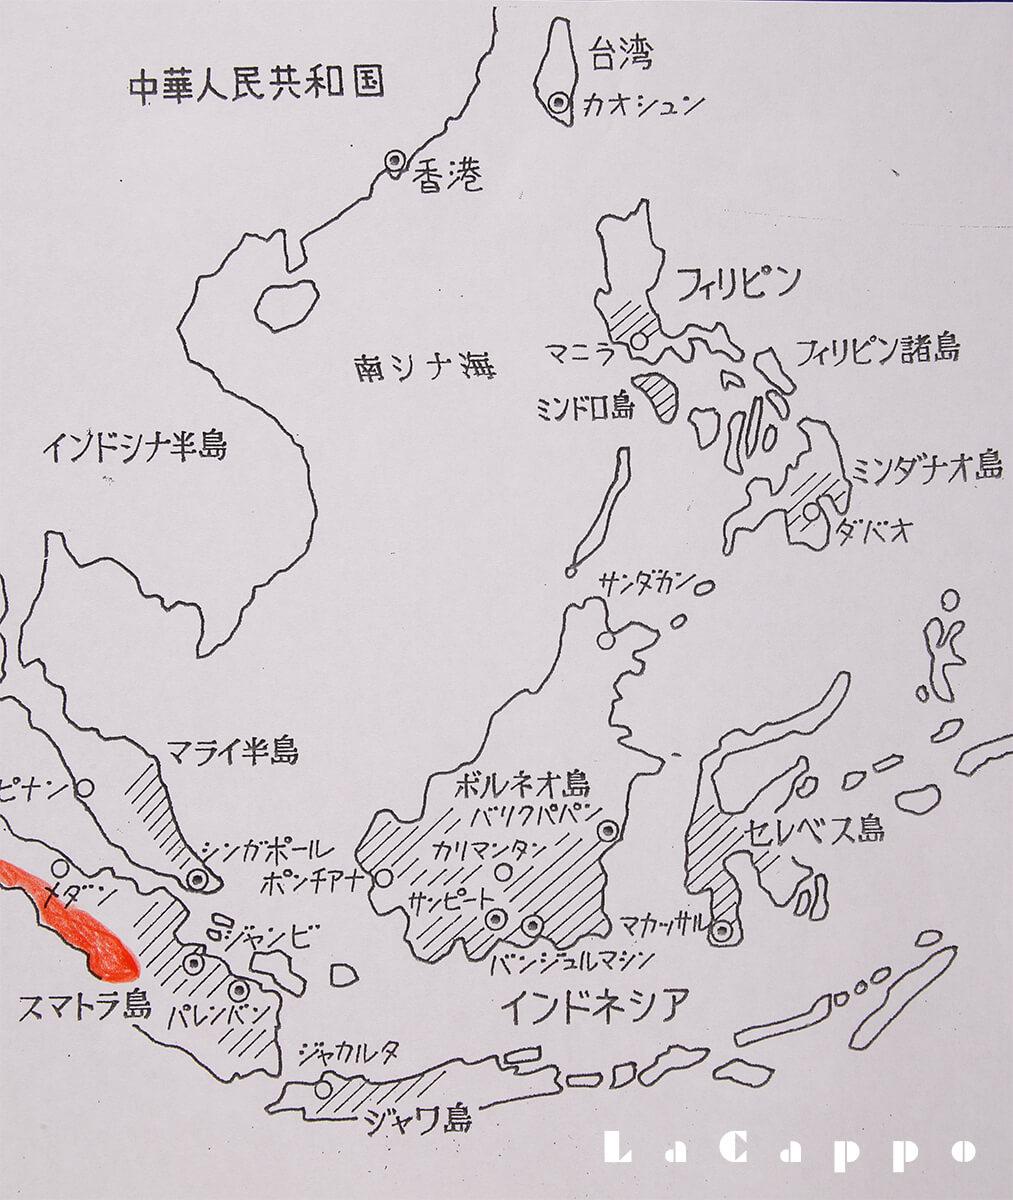 マラッカ籐・九籐の生育地図分布図